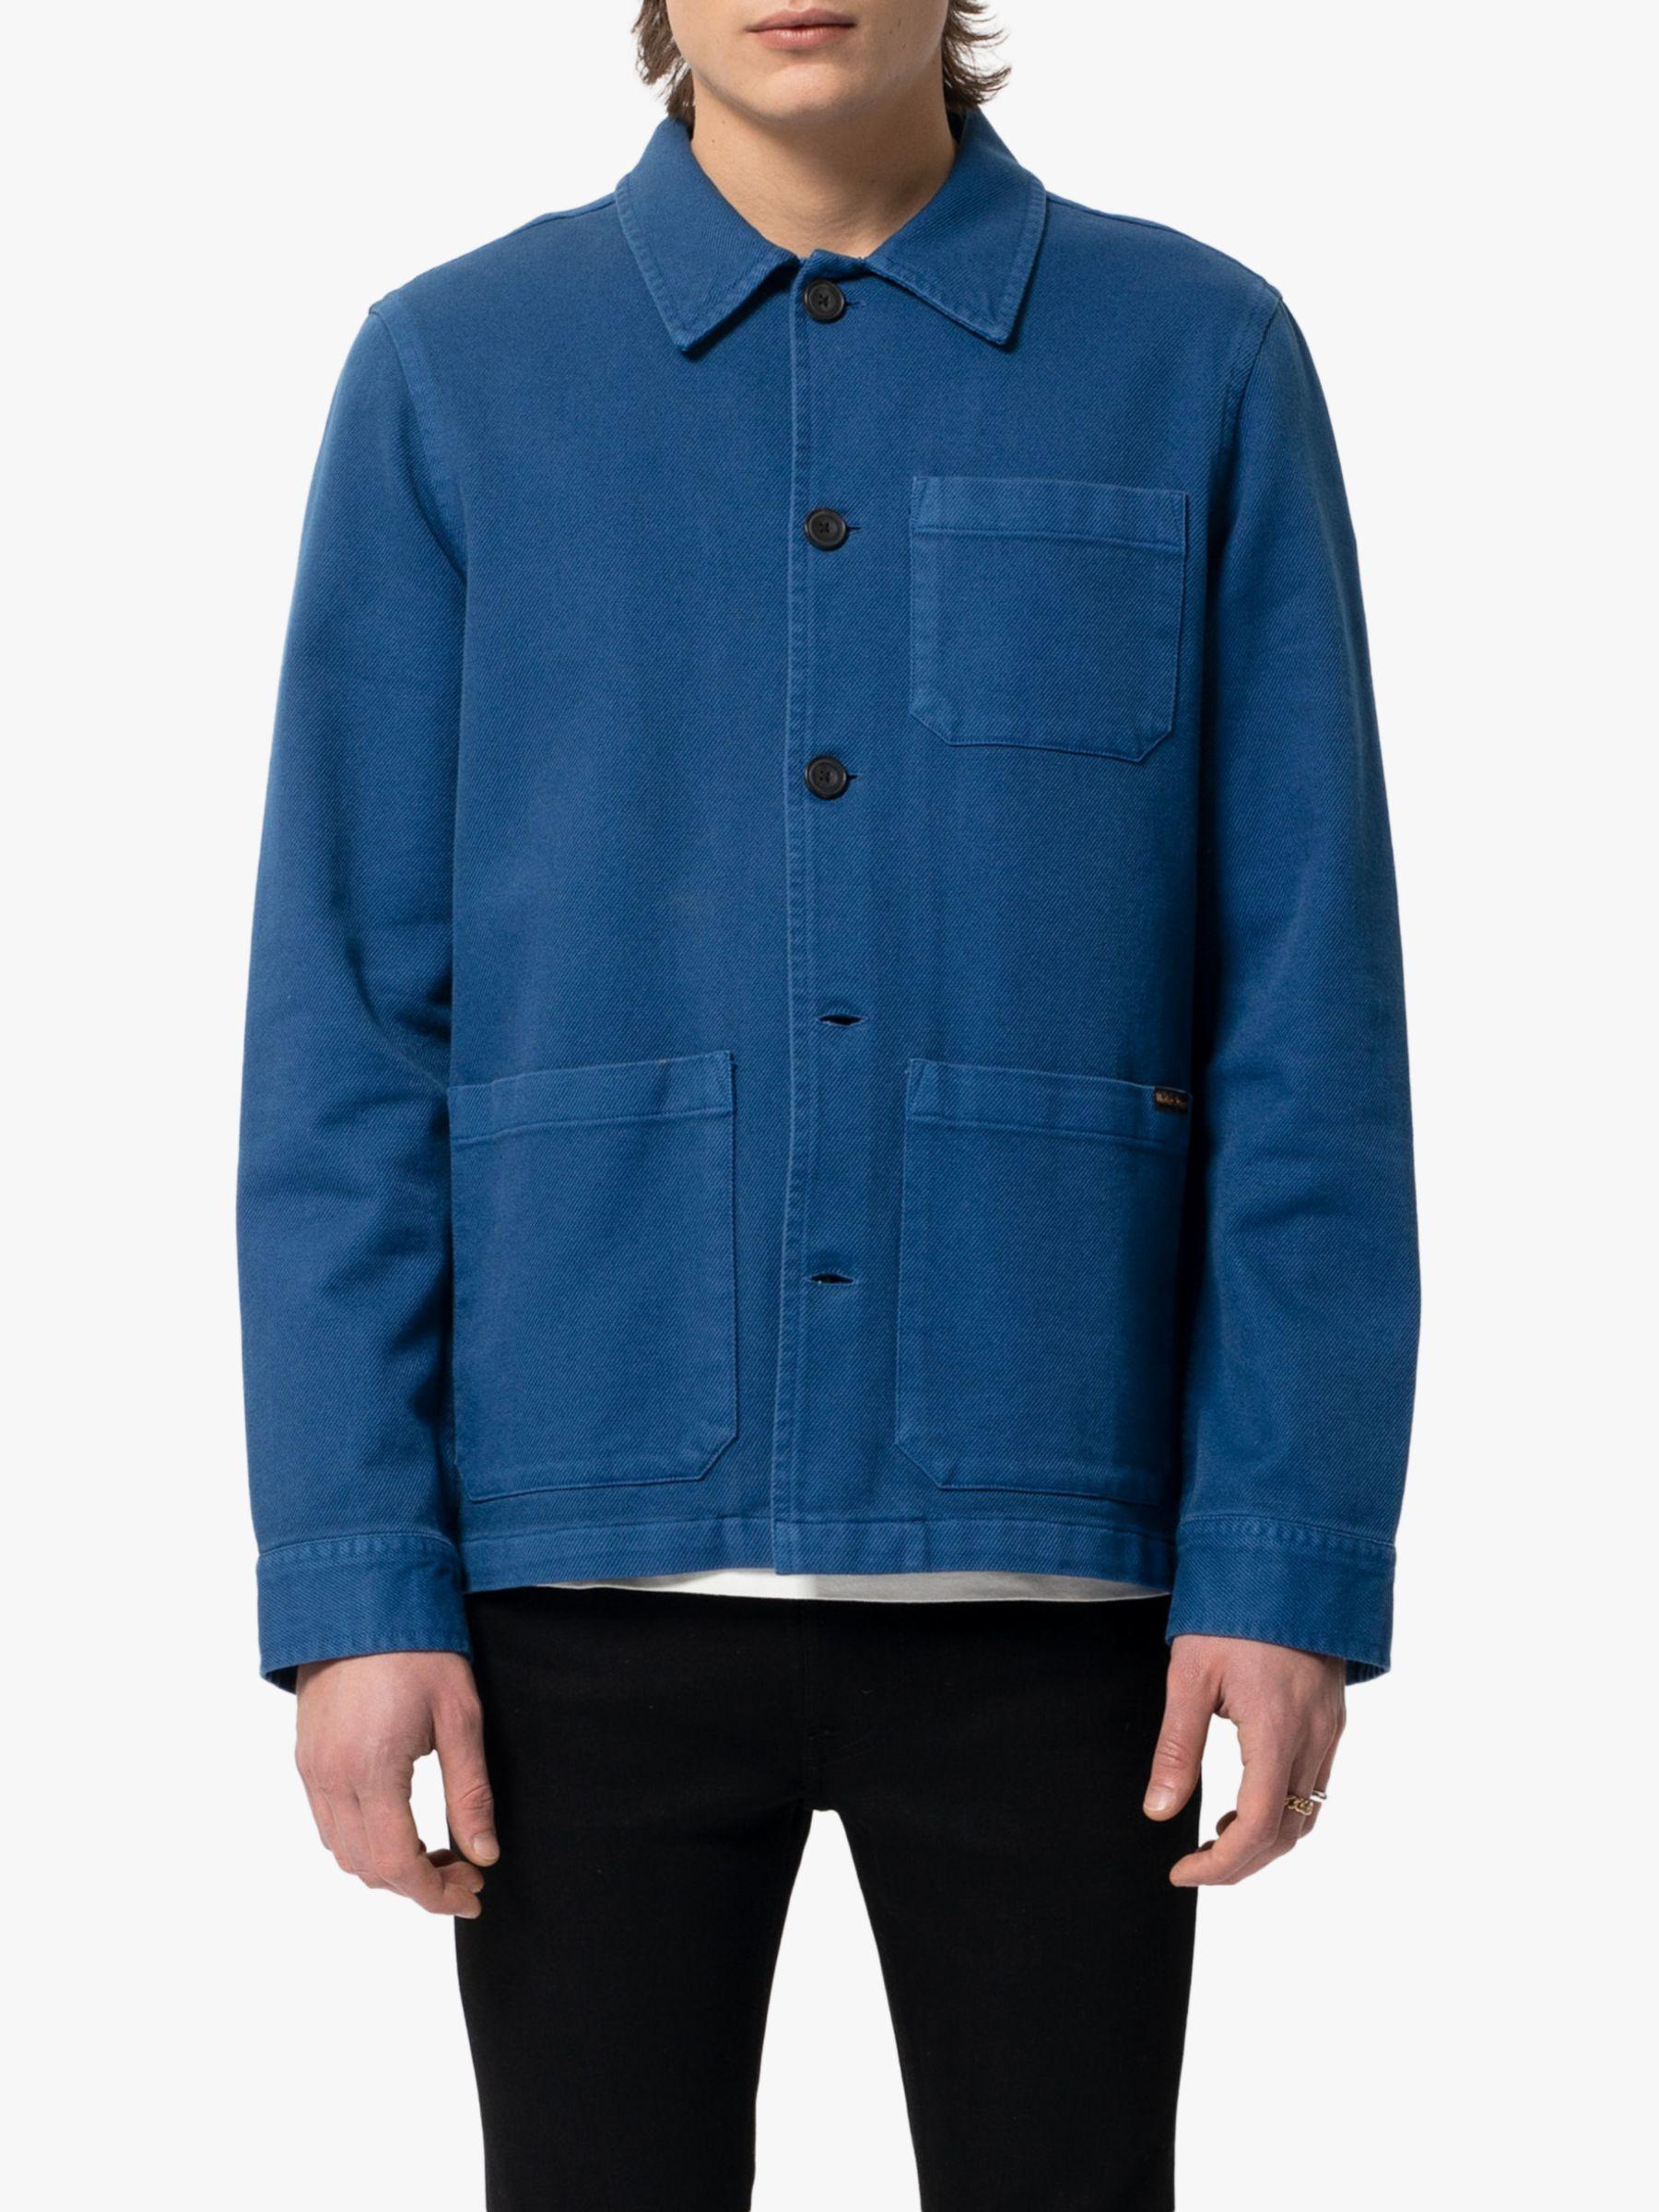 Nudie Jeans Nudie Jeans Barney Worker Shirt Jacket, Blue